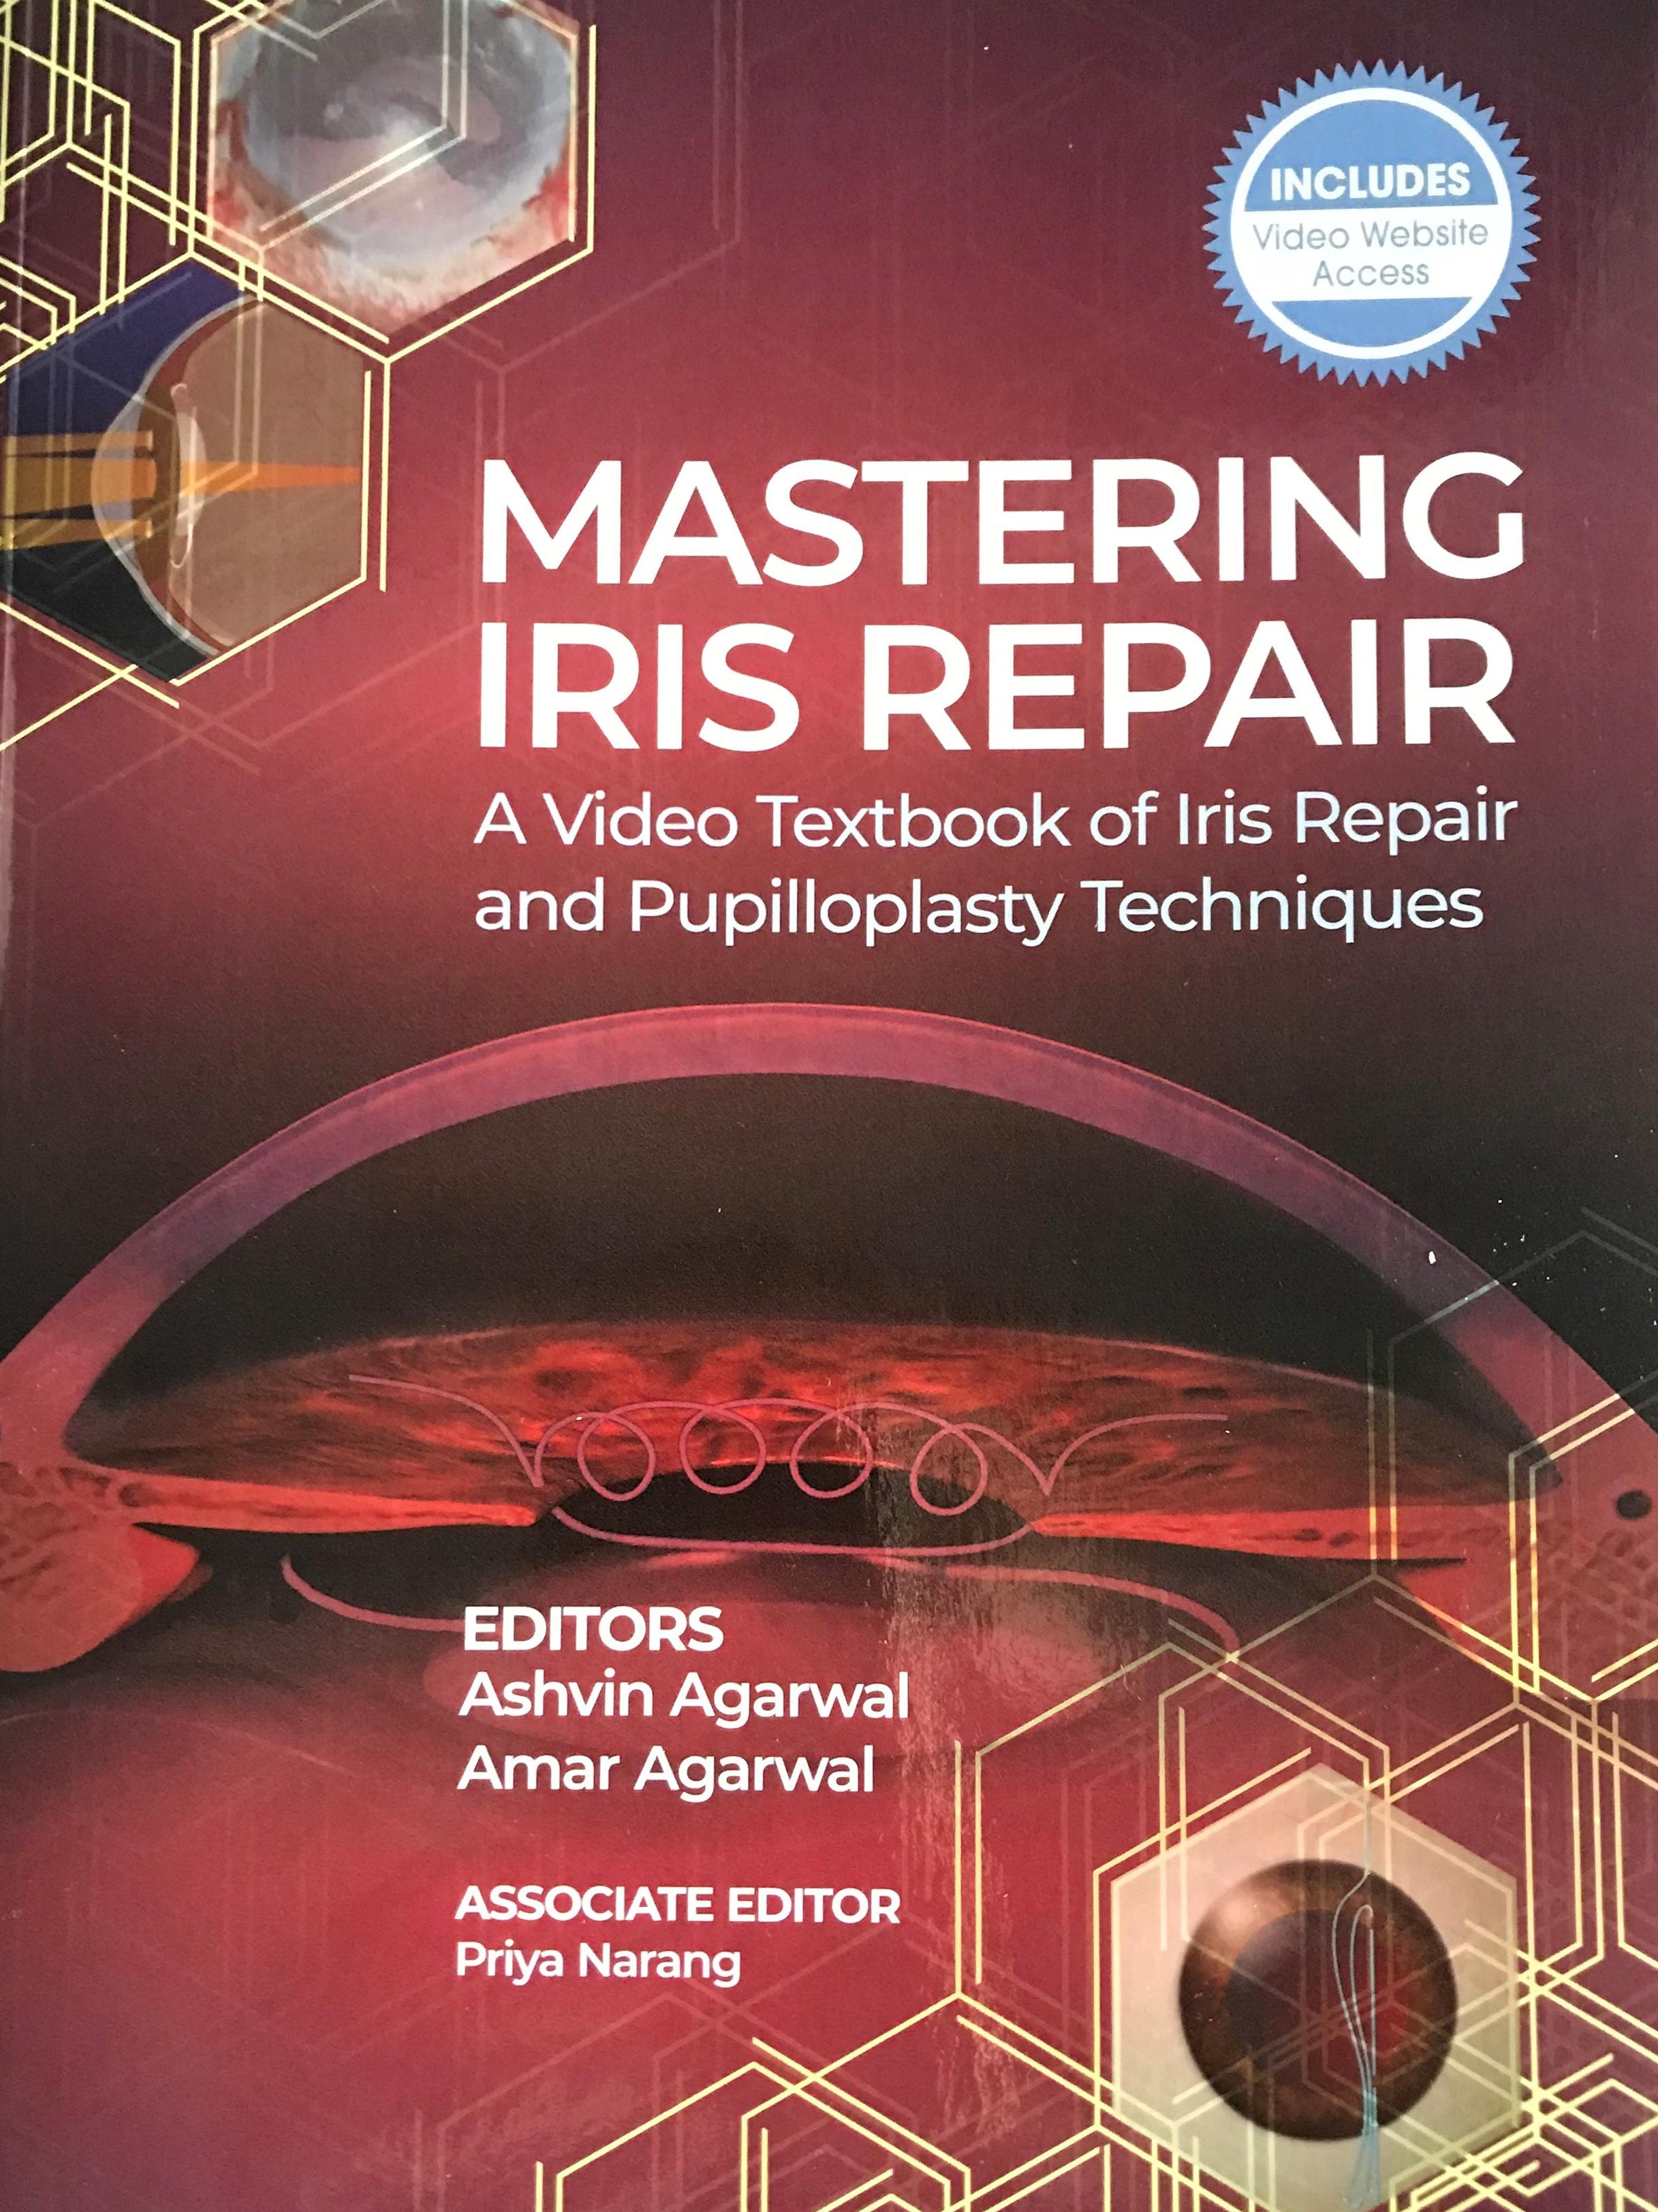 Knjiga Mastering iris repair s poglavjem Dr. Vladimirja Pfeiferja - november 2020